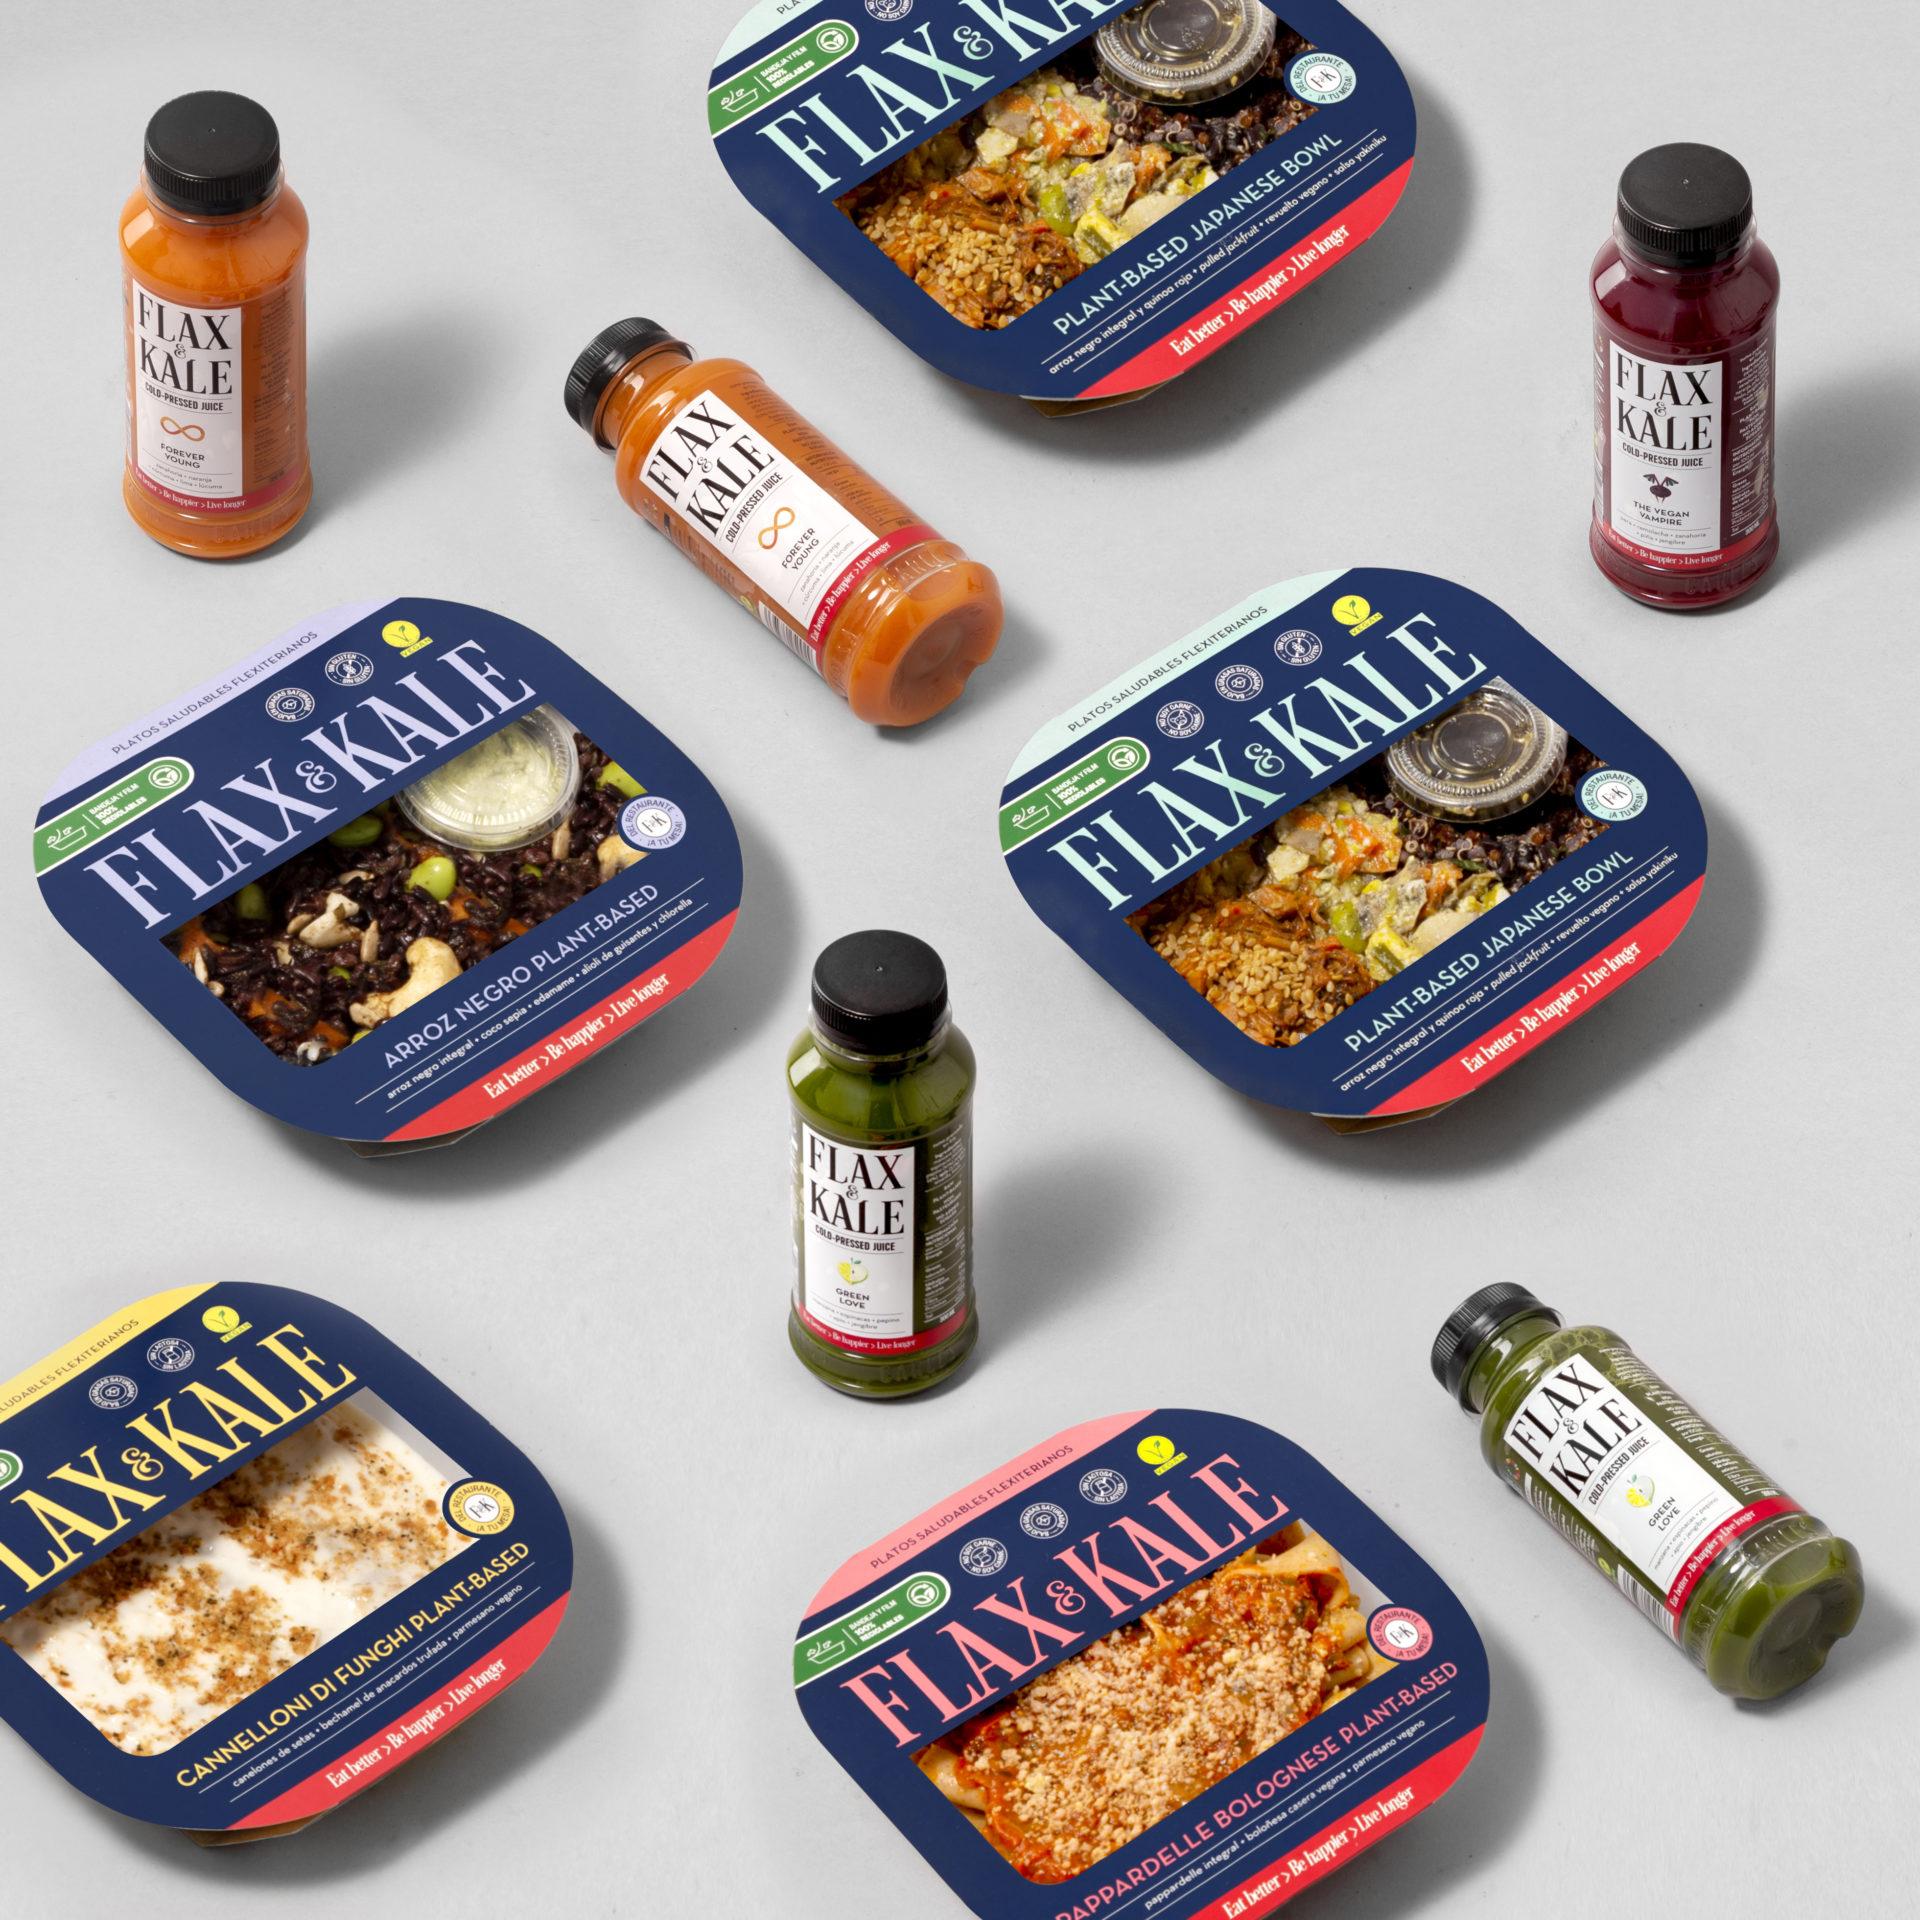 Flax & Kale Goods. Imagen vía Restauración News.